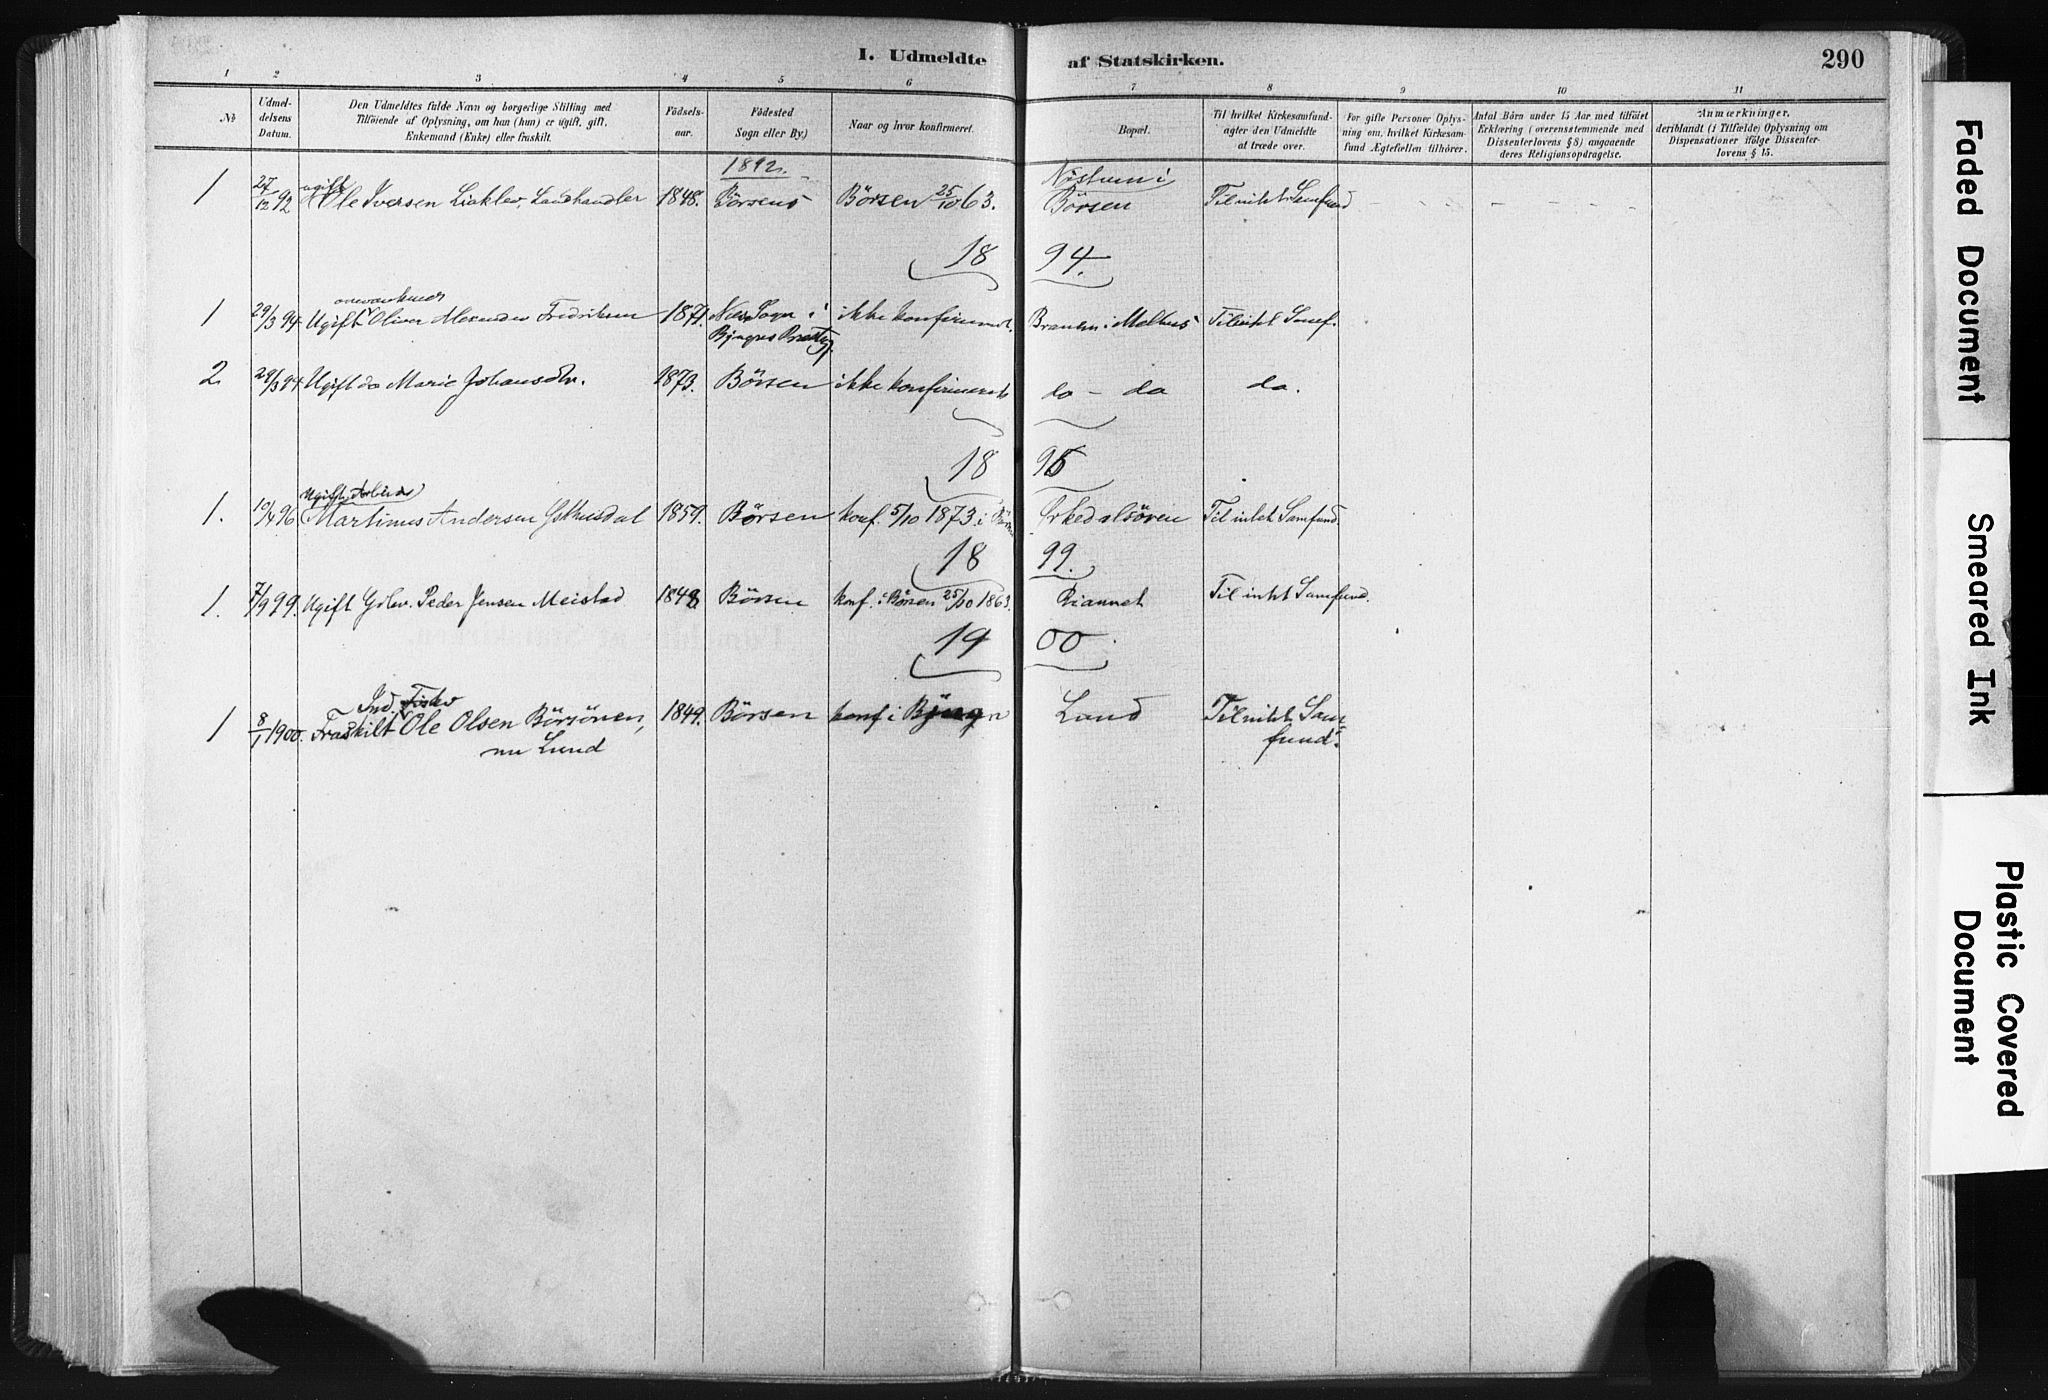 SAT, Ministerialprotokoller, klokkerbøker og fødselsregistre - Sør-Trøndelag, 665/L0773: Ministerialbok nr. 665A08, 1879-1905, s. 290